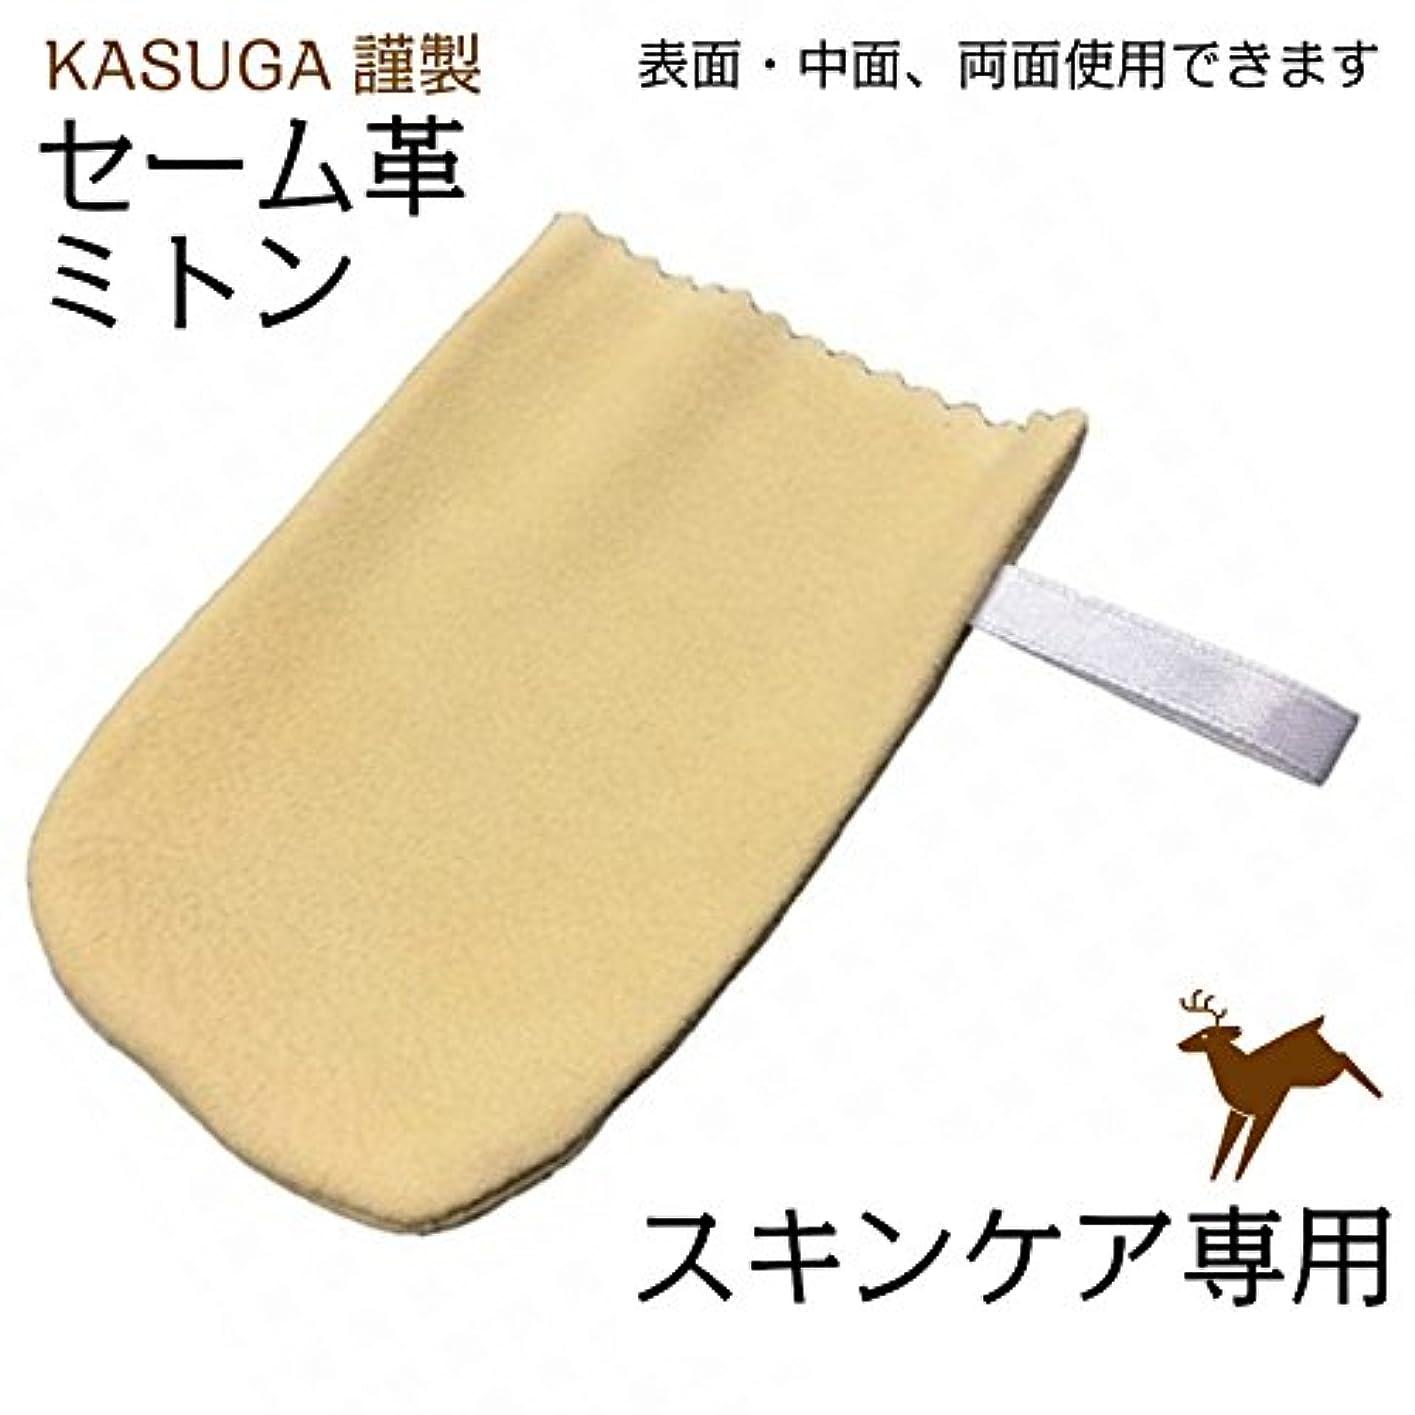 興奮する調整可能予想外春日カスガ謹製 スキンケア専用キョンセーム革 ミトン両面 9cm×9cm